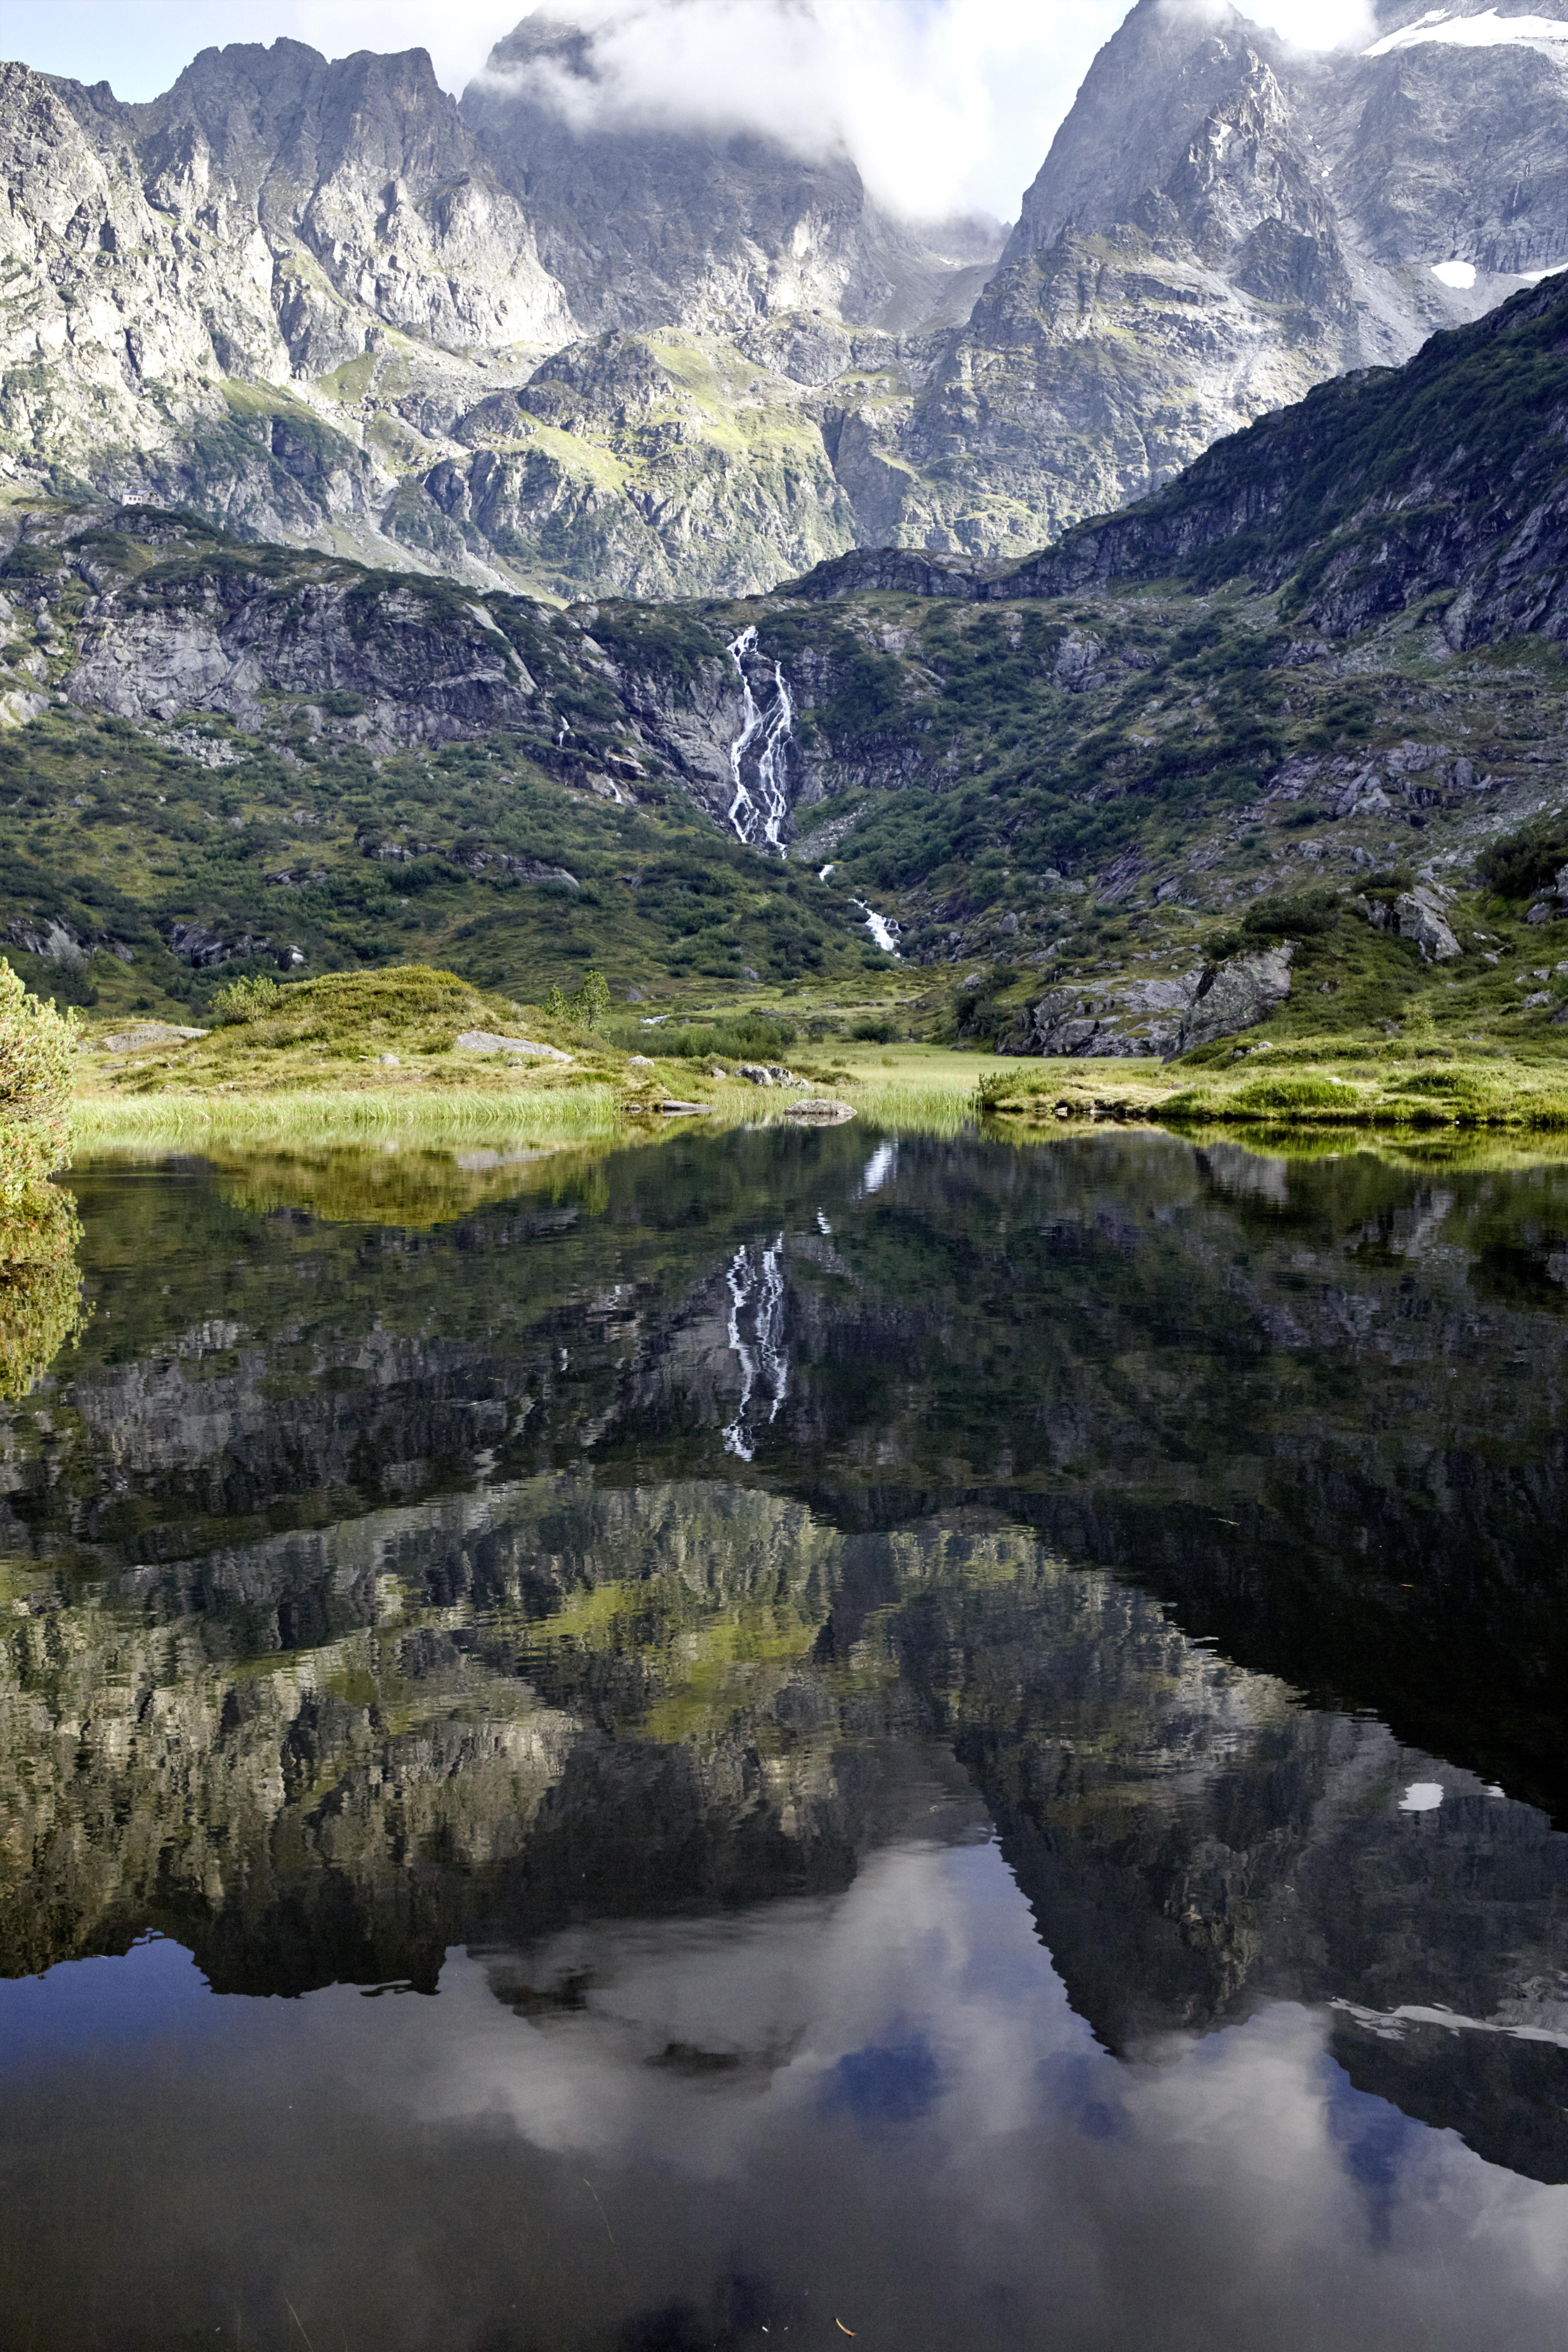 Fulensee (Kröntenhütte)